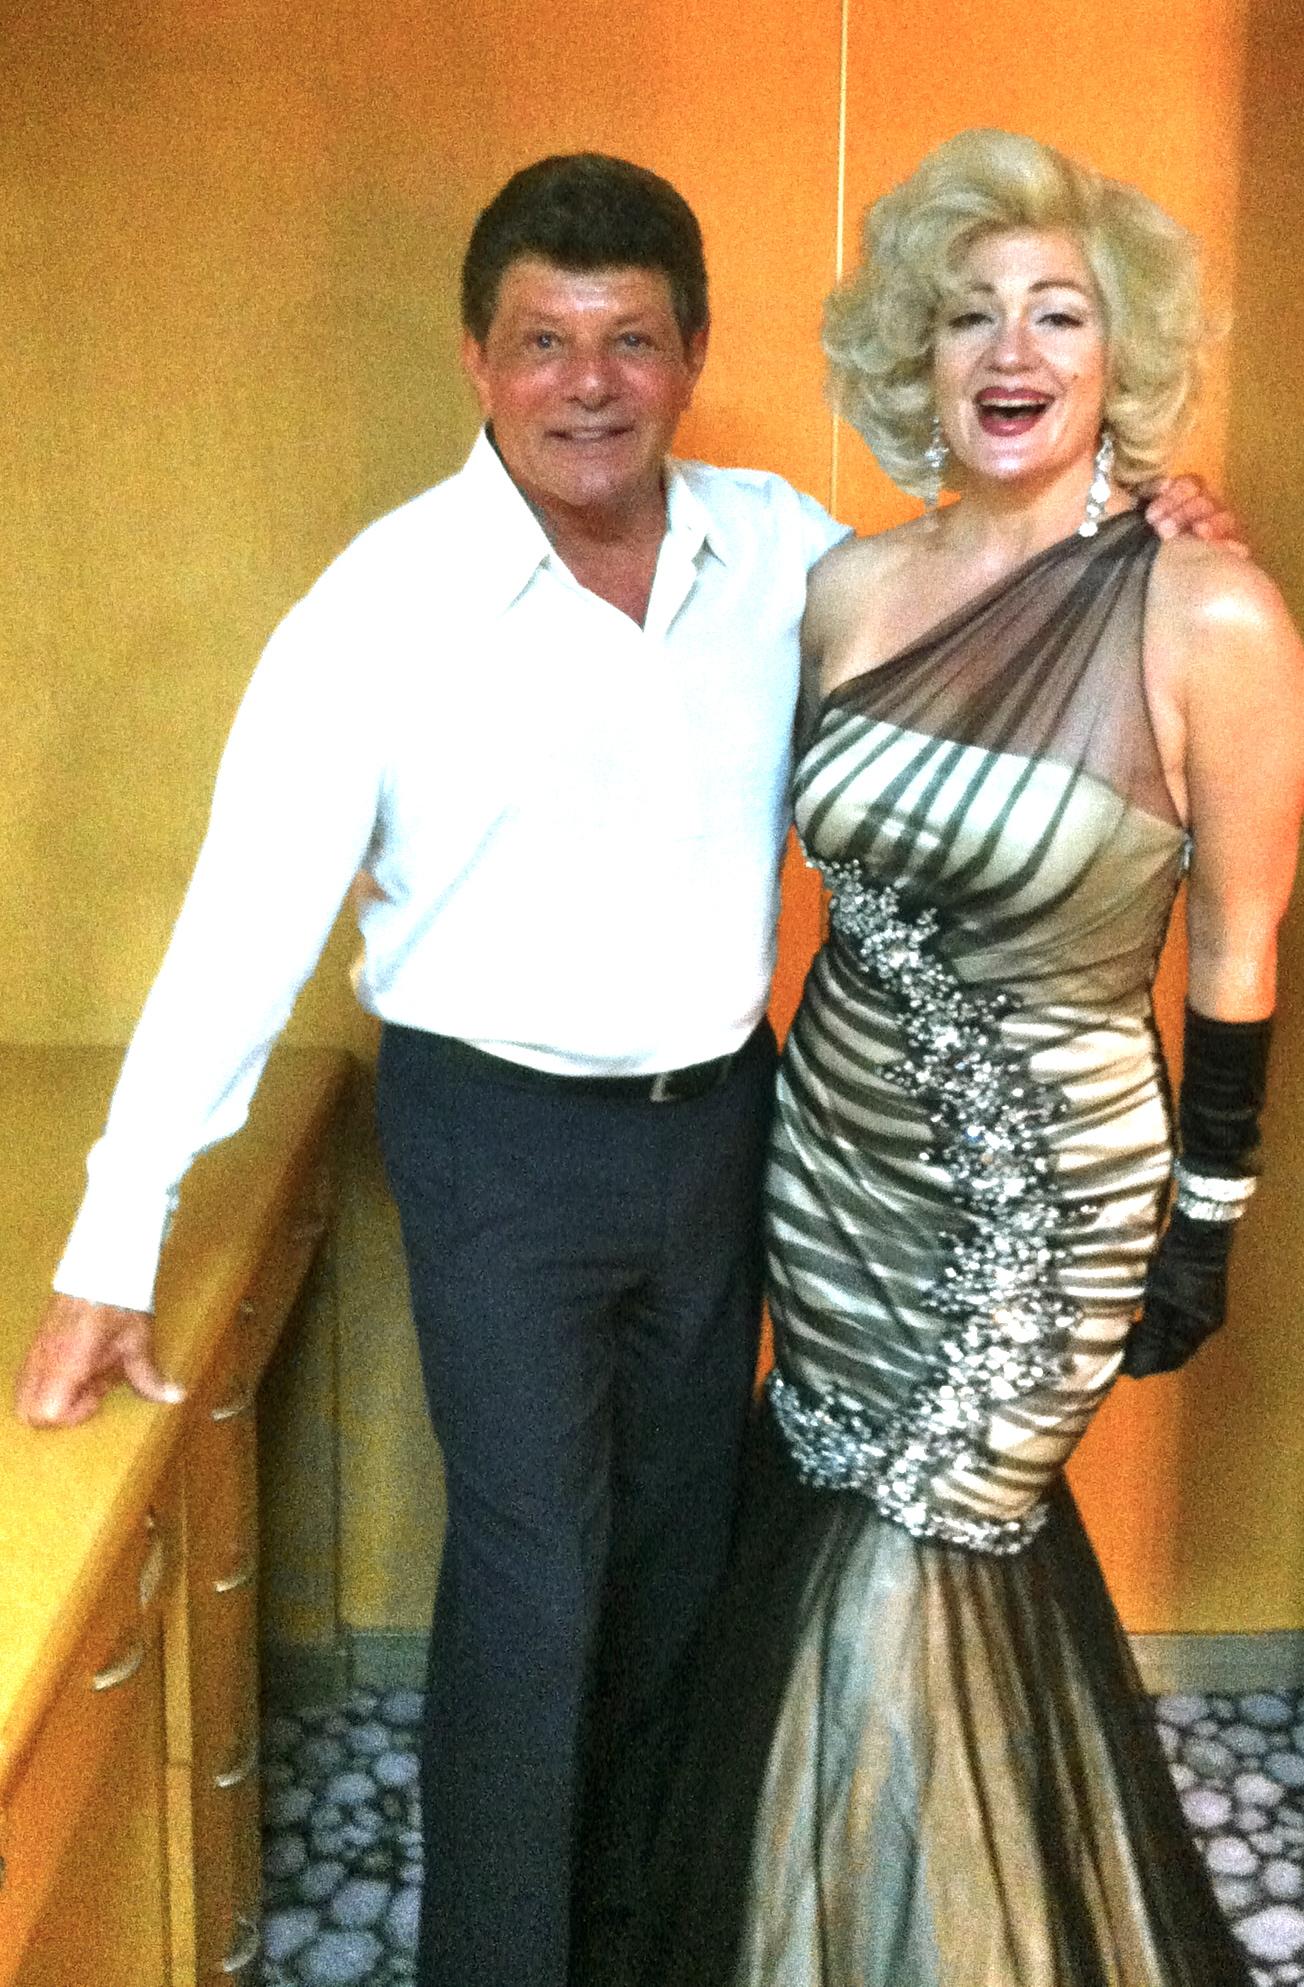 Sheri with Frankie Avalon